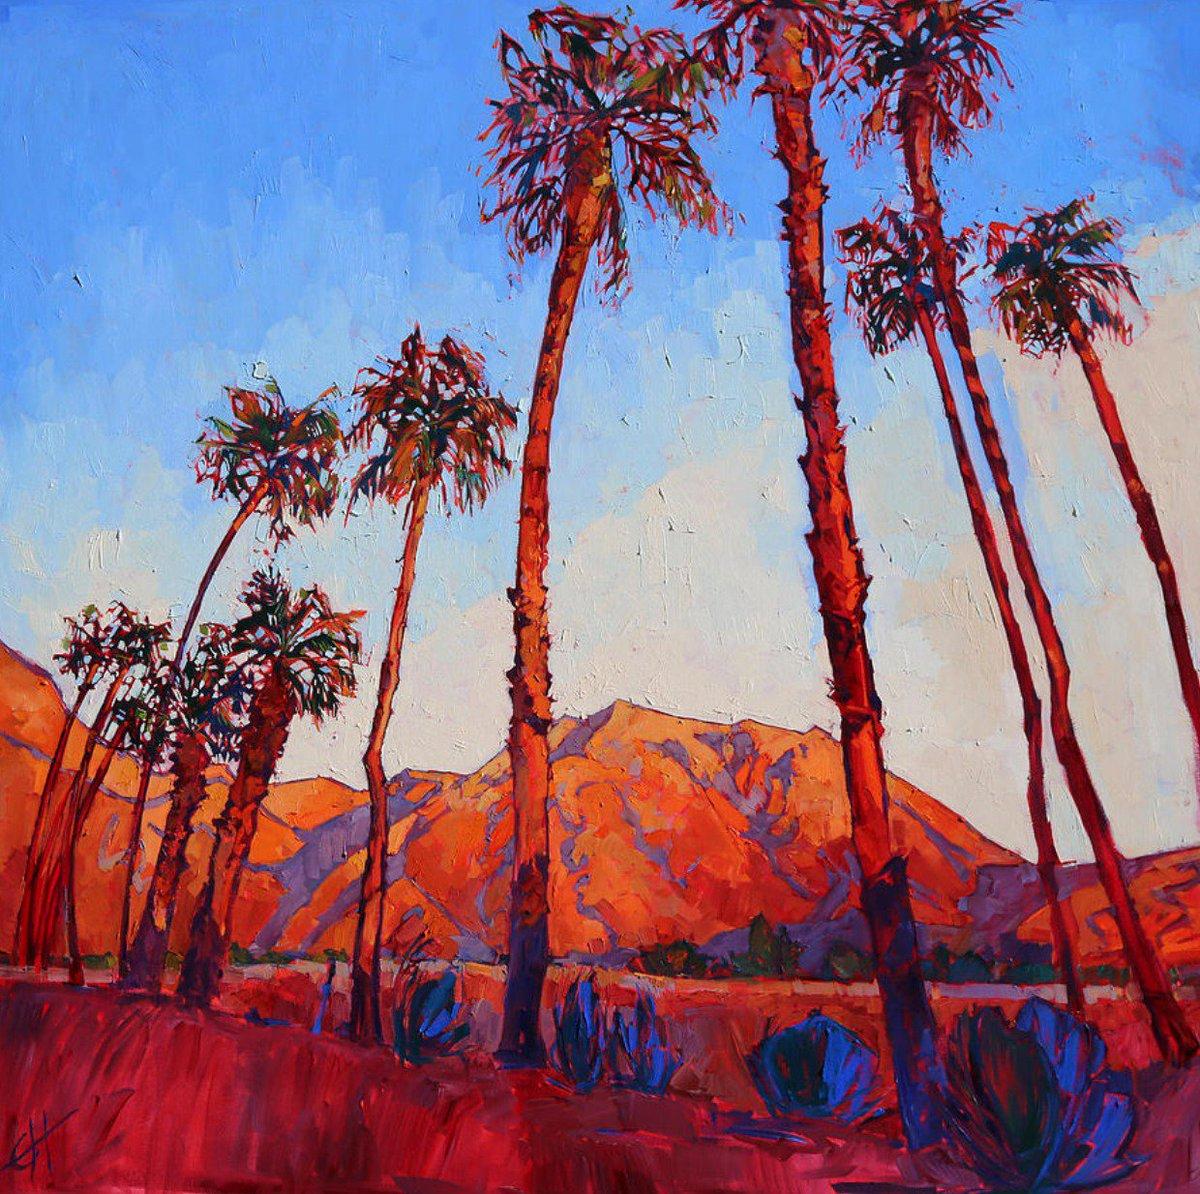 Fine Art America On Twitter Check Out Erinhansonart Stunning Desert Oil Paintings On Fineartamerica  F0 9f 8c B4 Perfect For Festivalseason